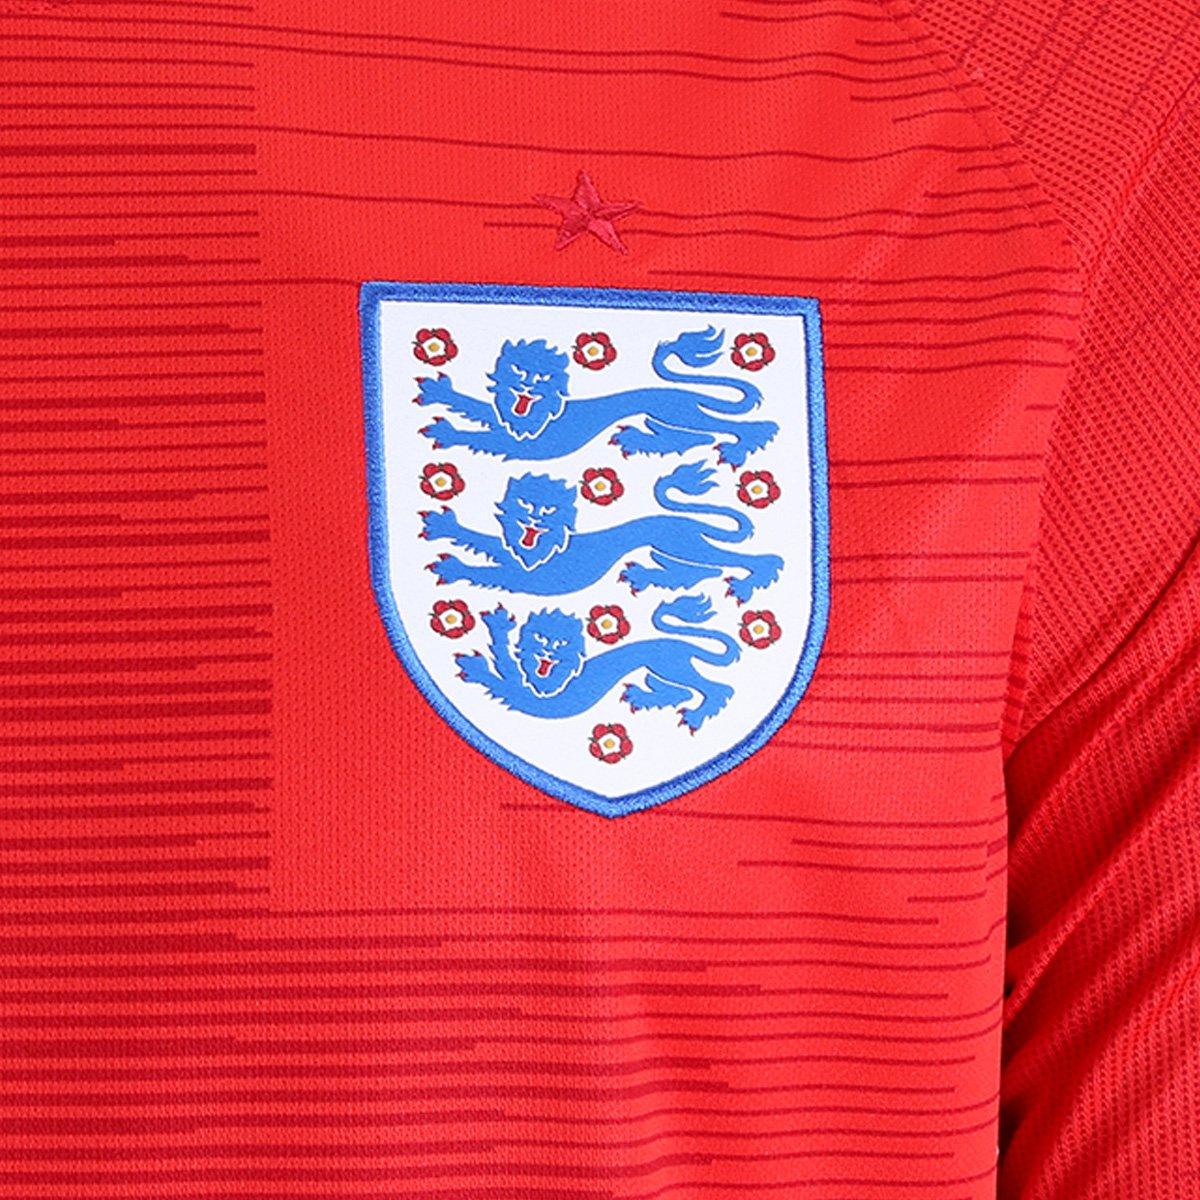 ... Camisa Seleção Inglaterra Away 2018 s n° Torcedor Nike Masculino ... fabe97eef1f9c